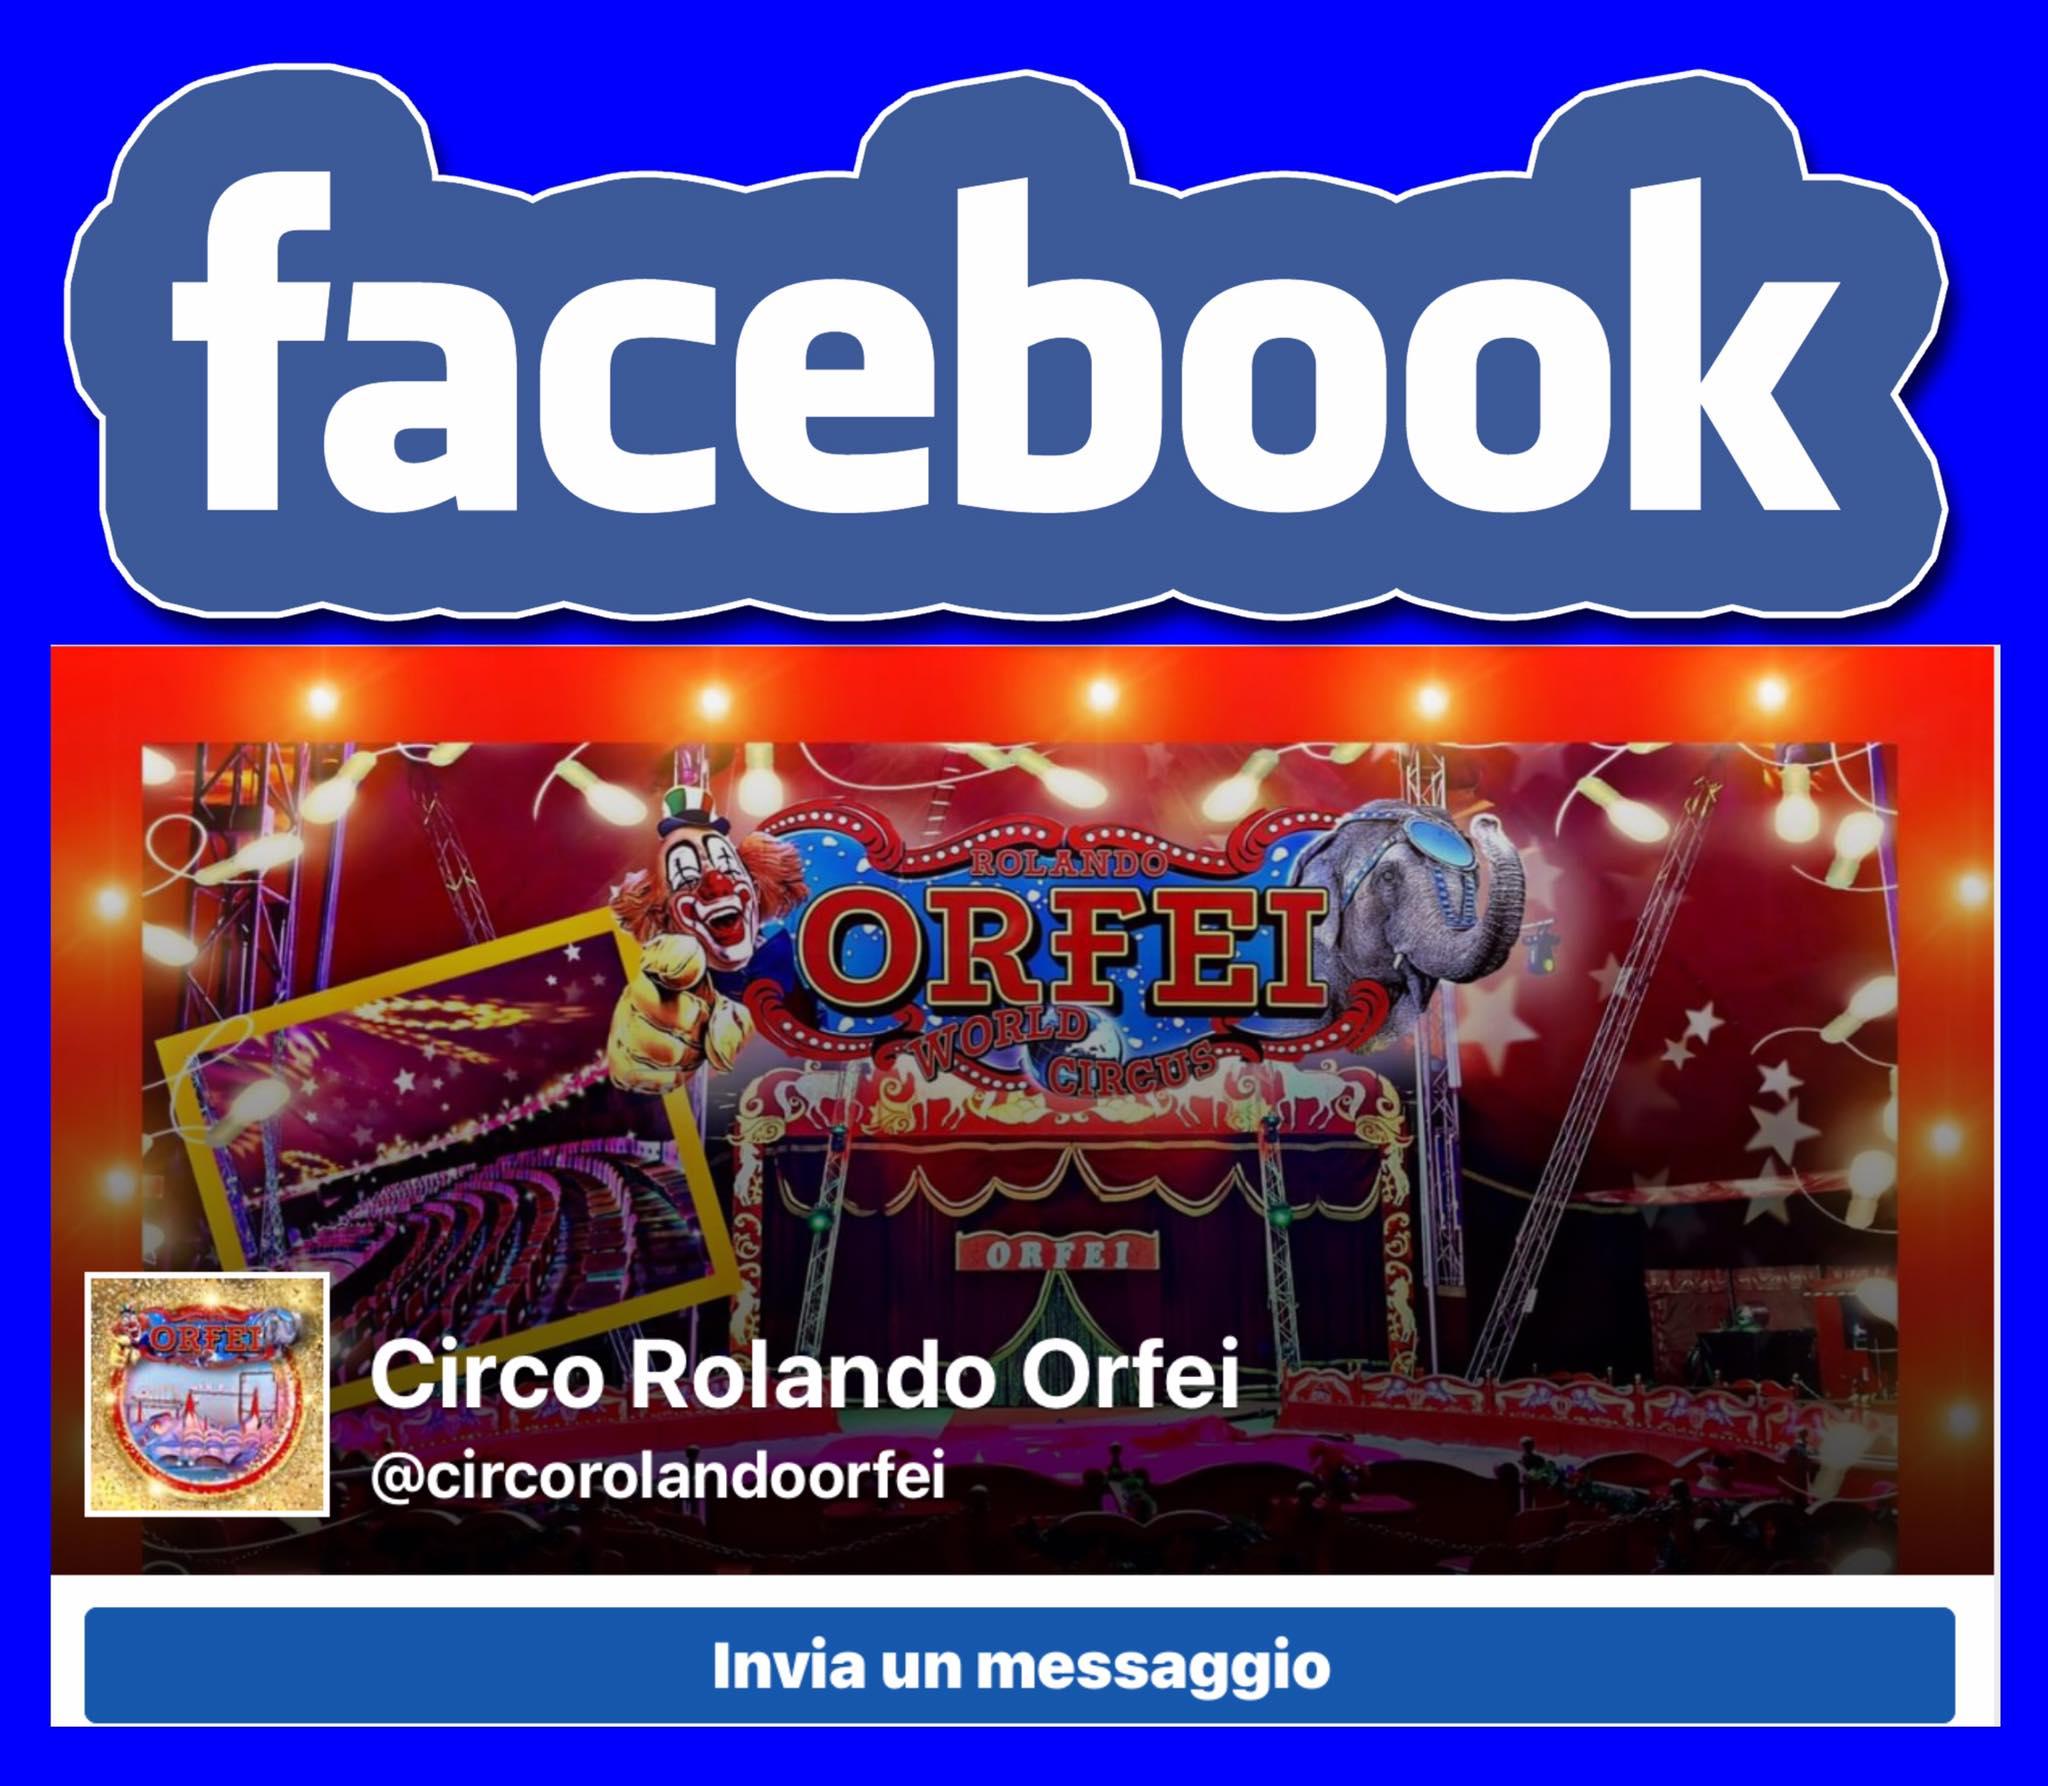 Circo Rolando Orfei Facebook